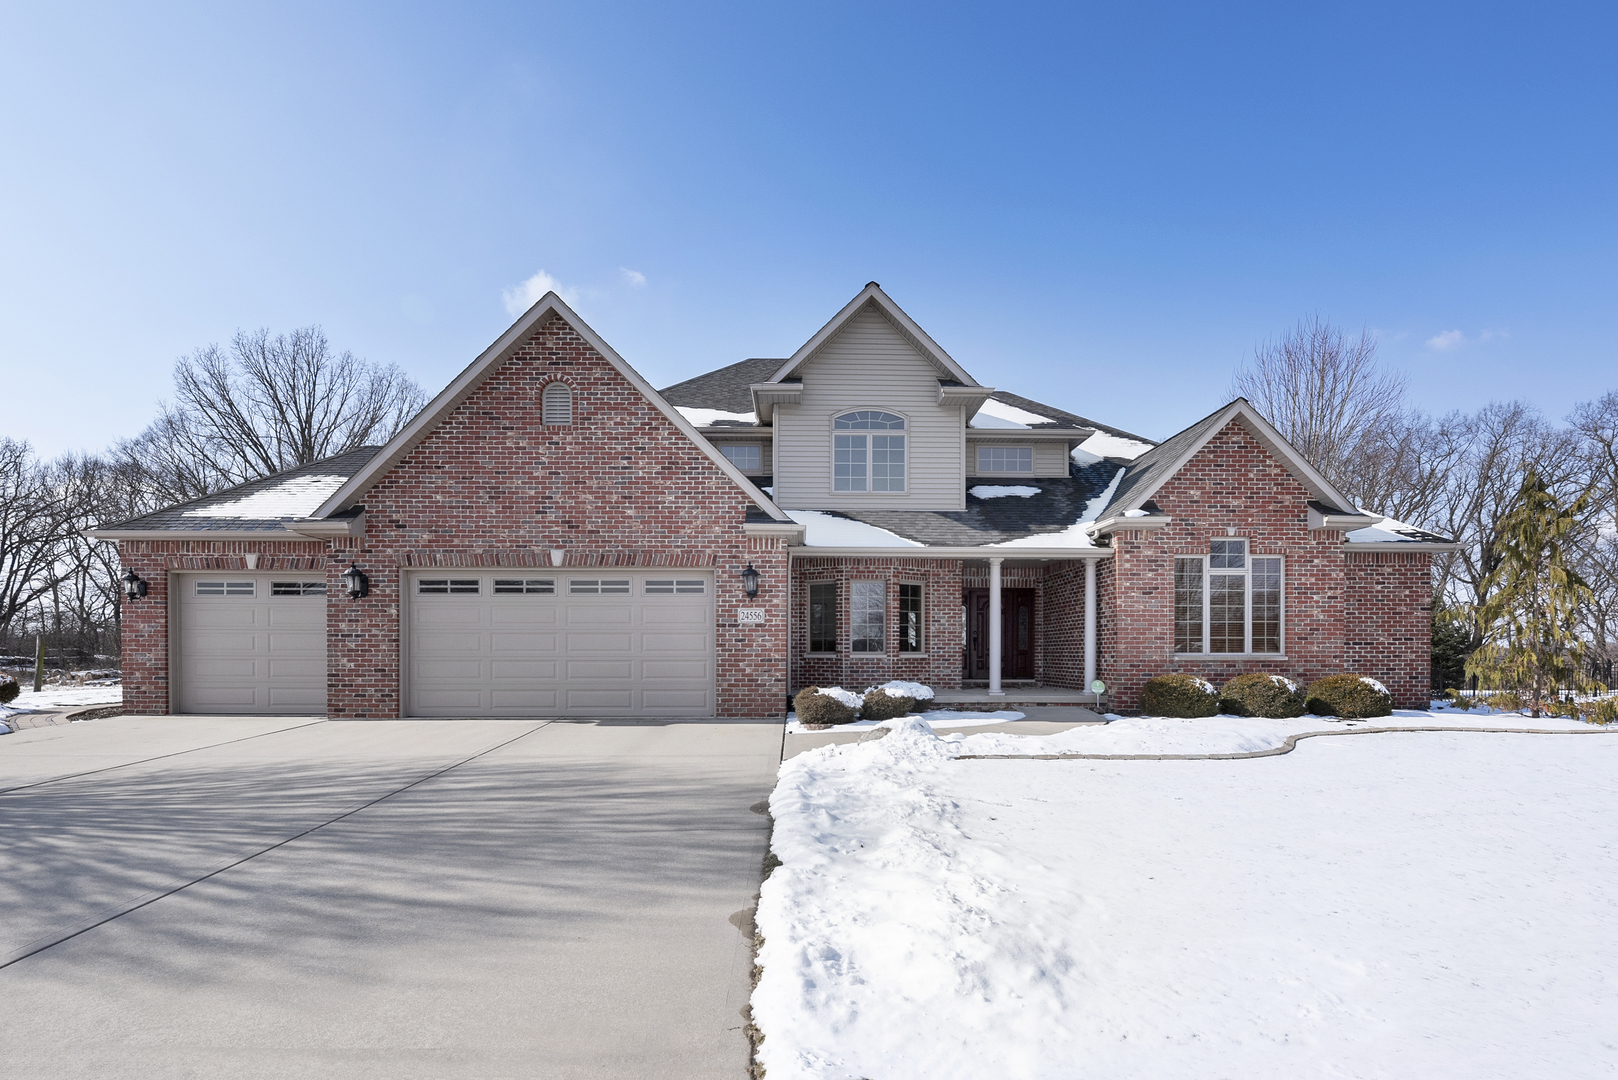 24556 South Serrano, Channahon, Illinois, 60410